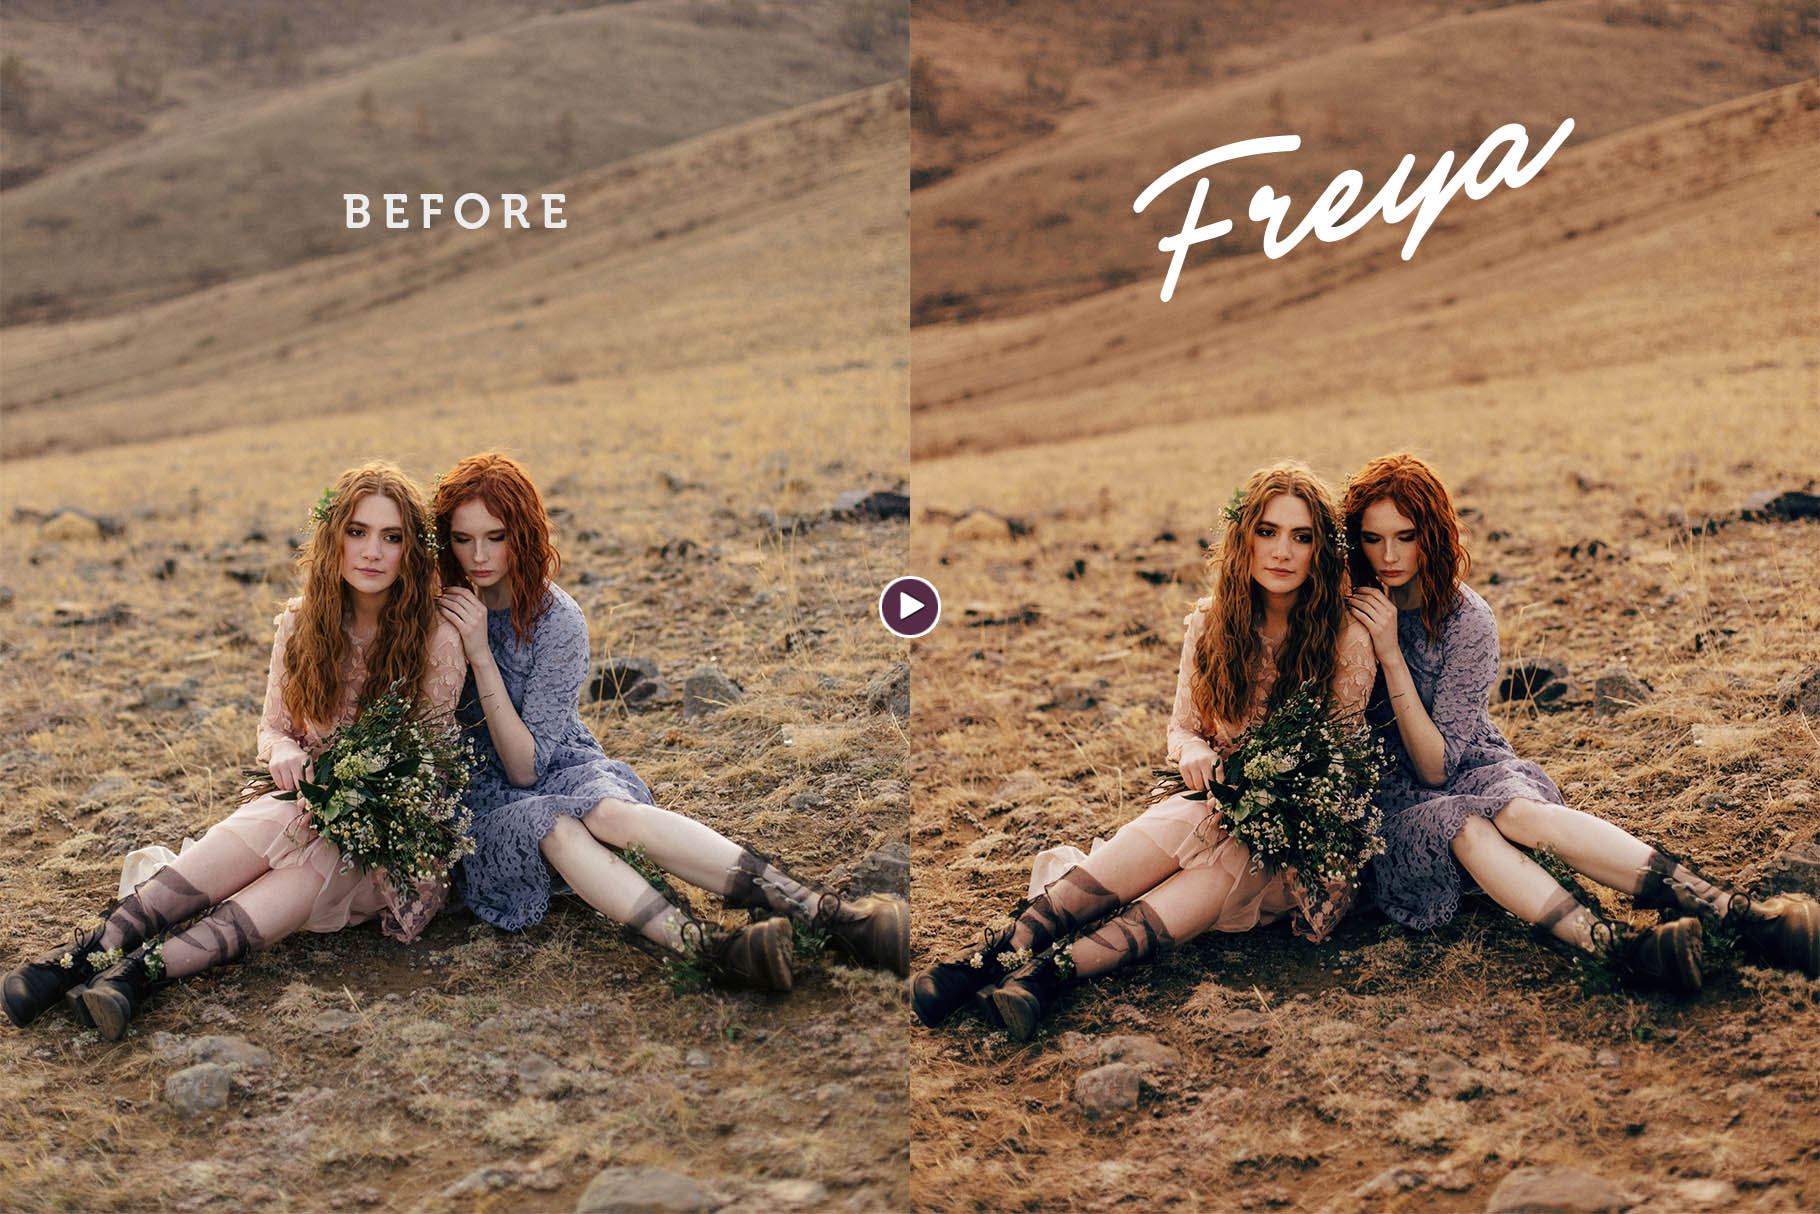 freya_preview_06